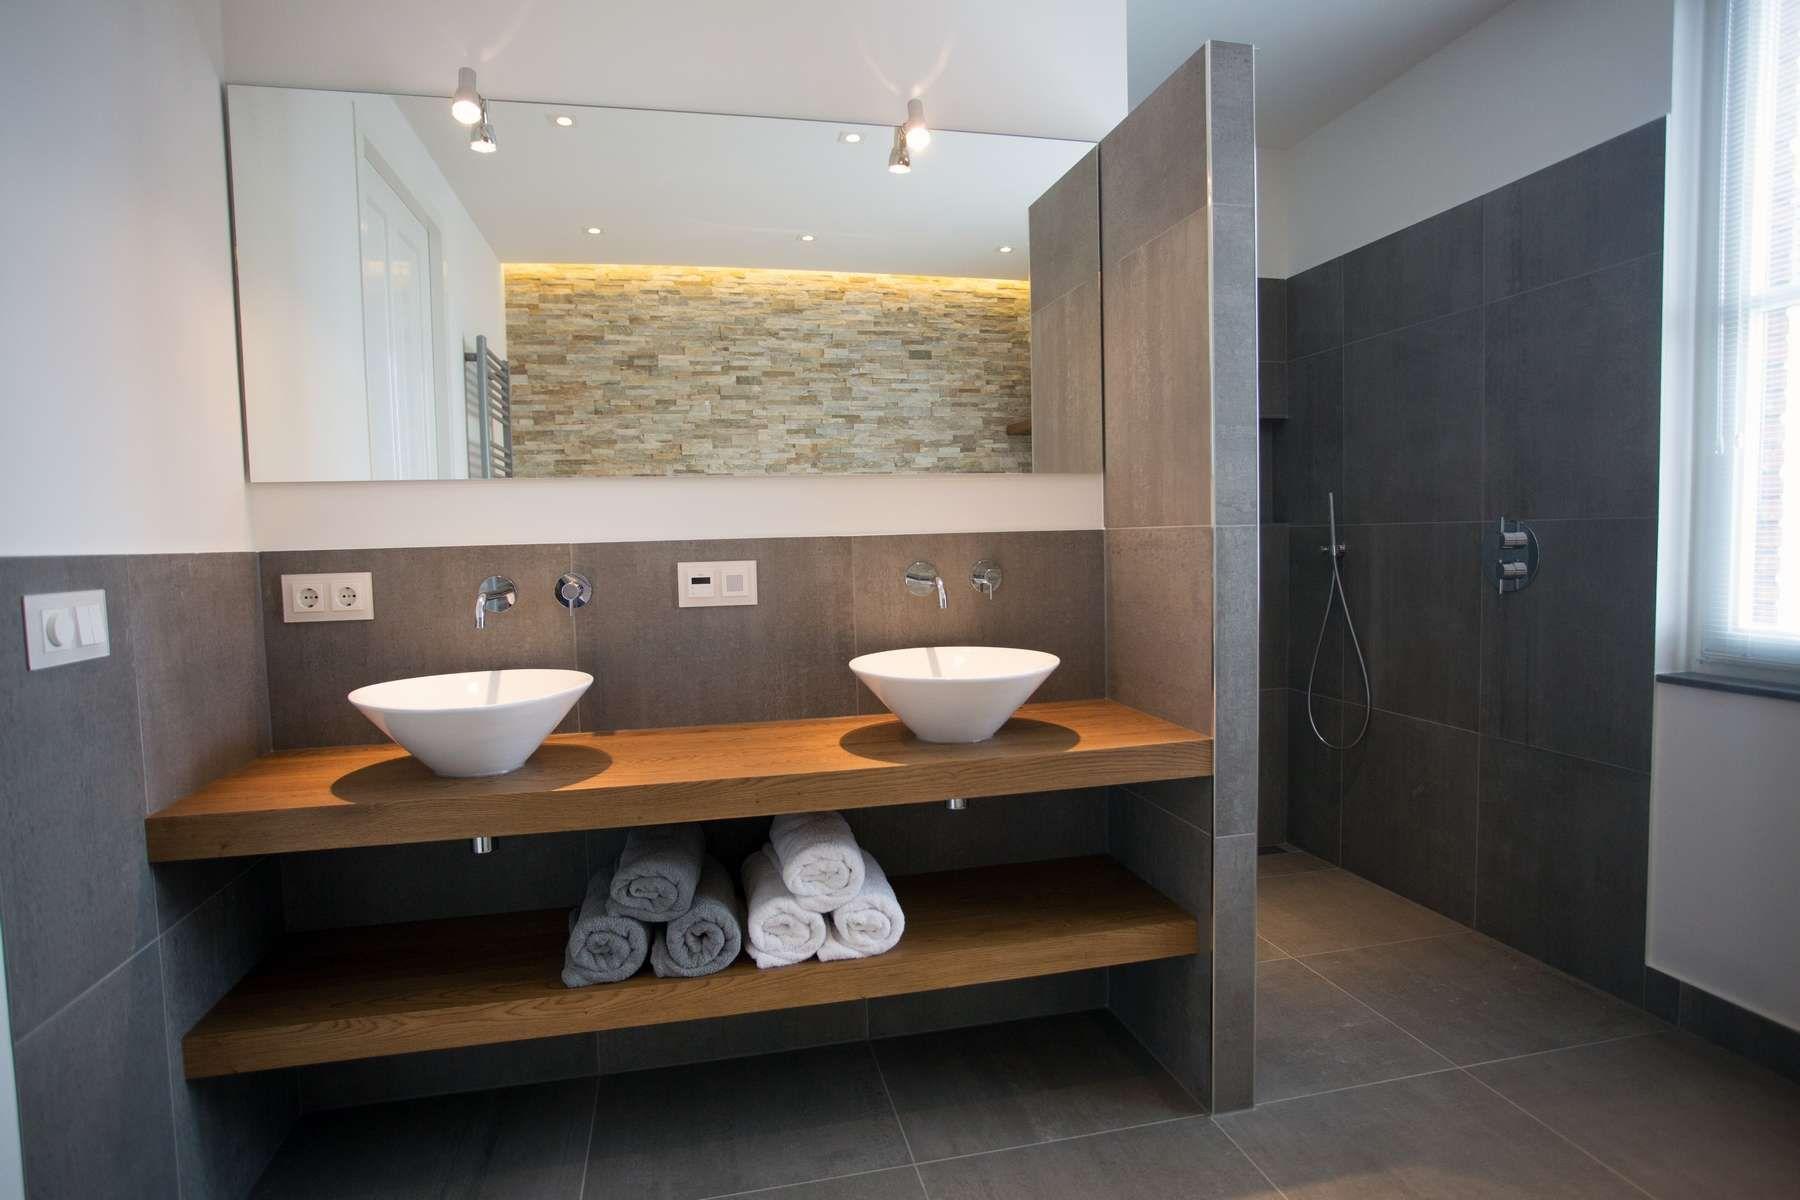 Nieuwe Badkamer Utrecht : Badkamer utrecht badkamershowroom de eerste kamer in